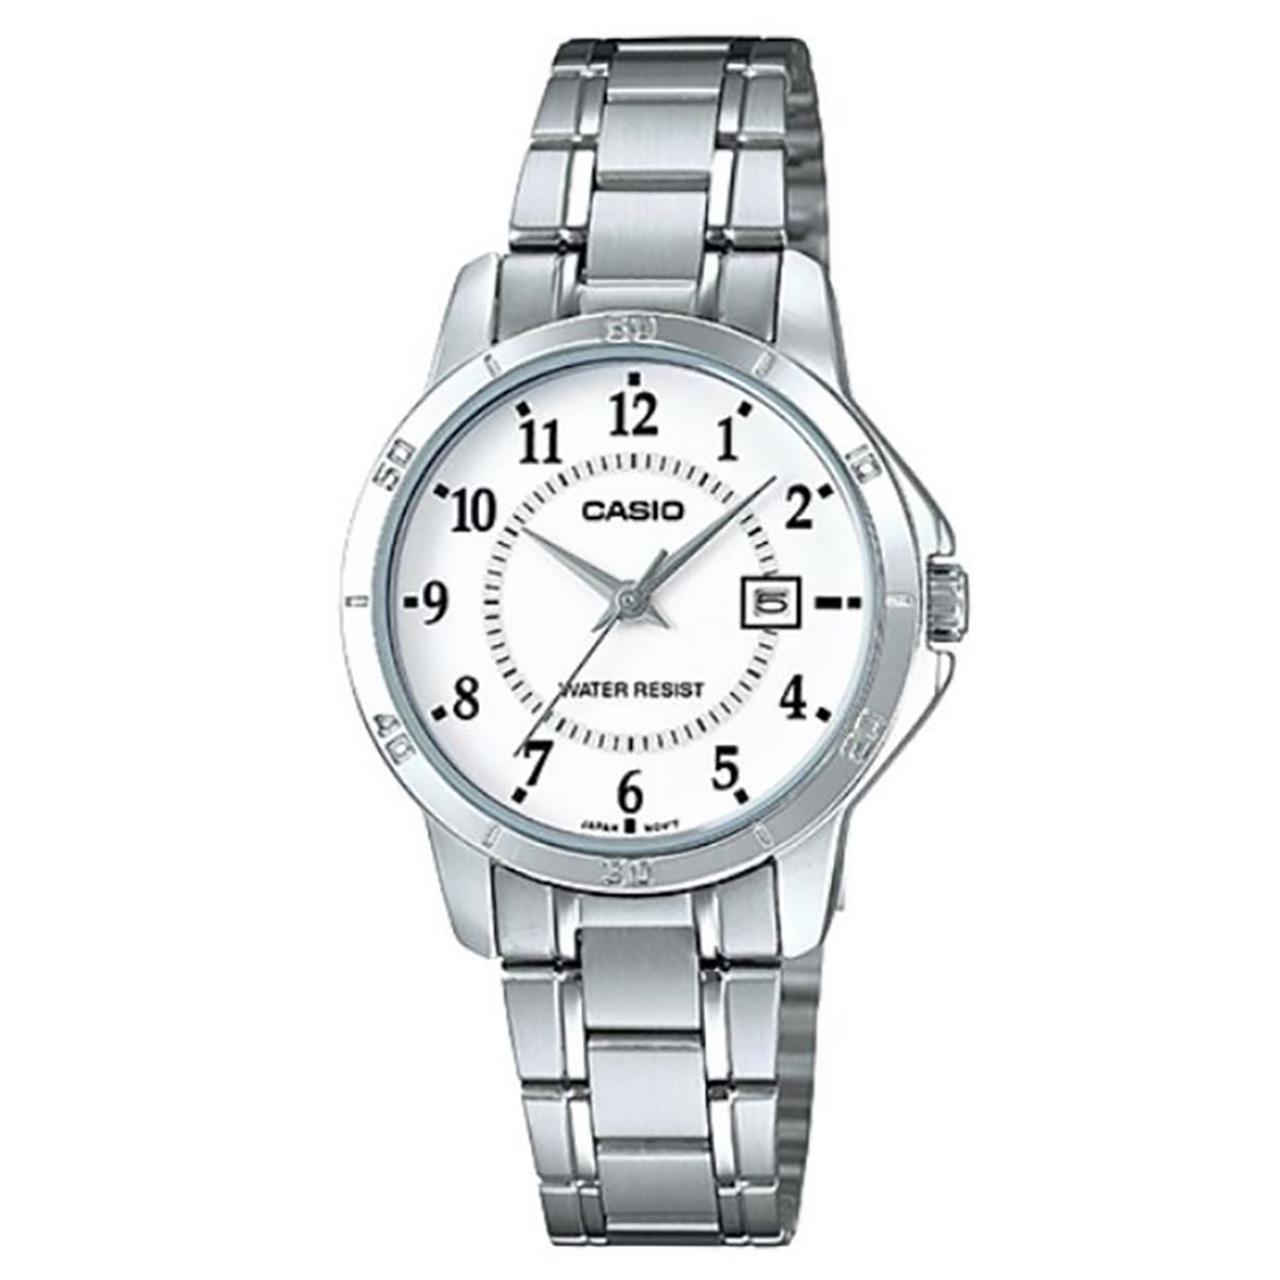 ساعت مچی عقربه ای زنانه کاسیو مدل LTP-V004D-7BUDF